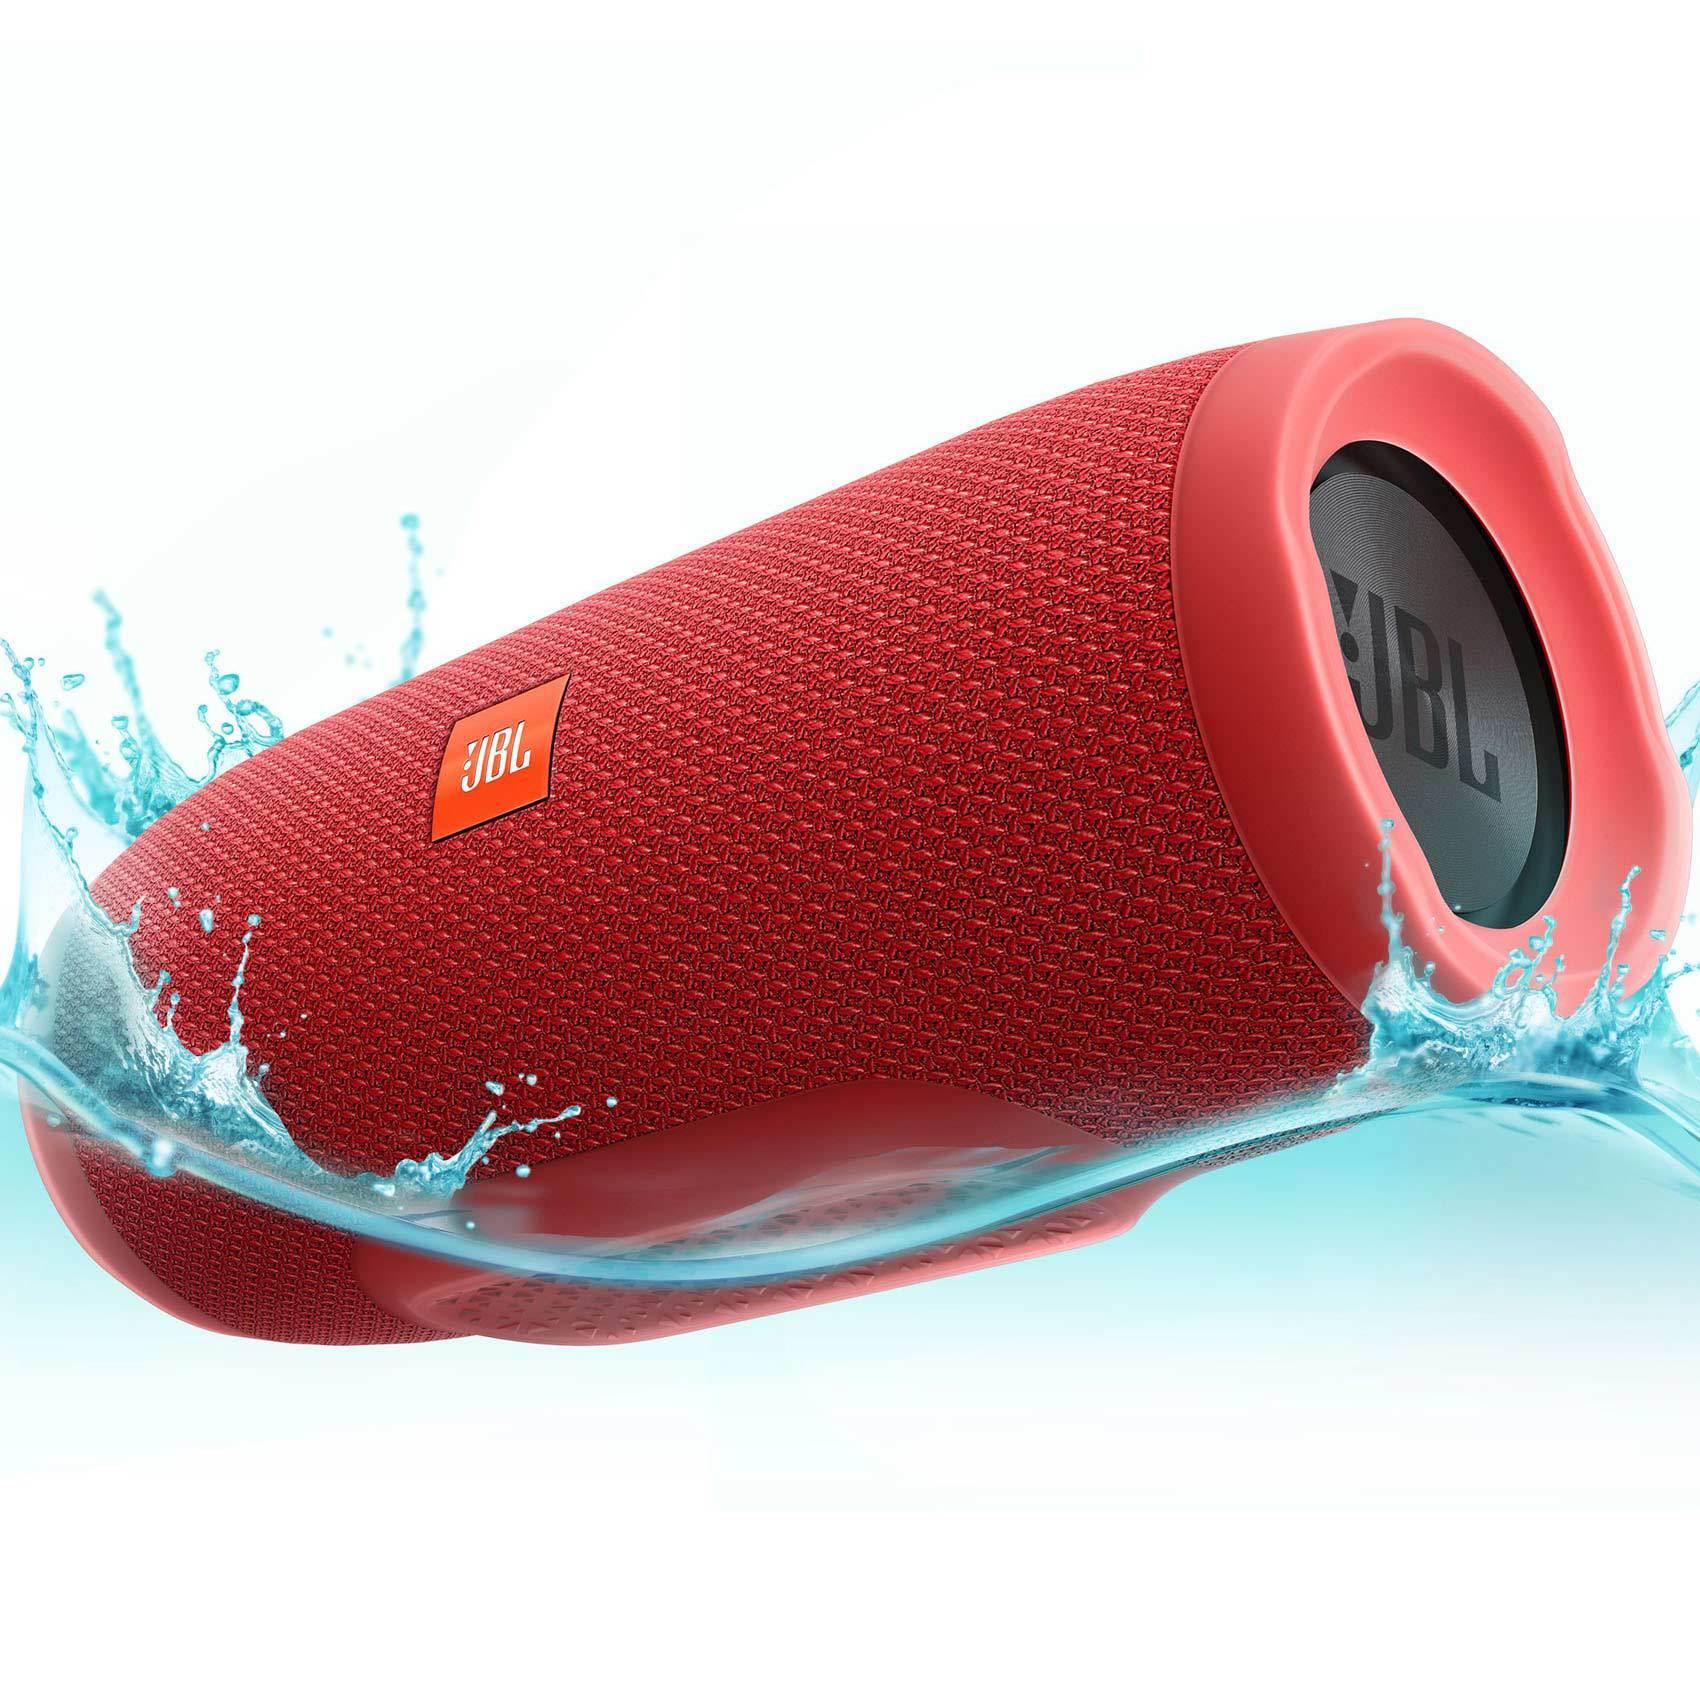 JBL MP3 SPK CHARGE 3 RD